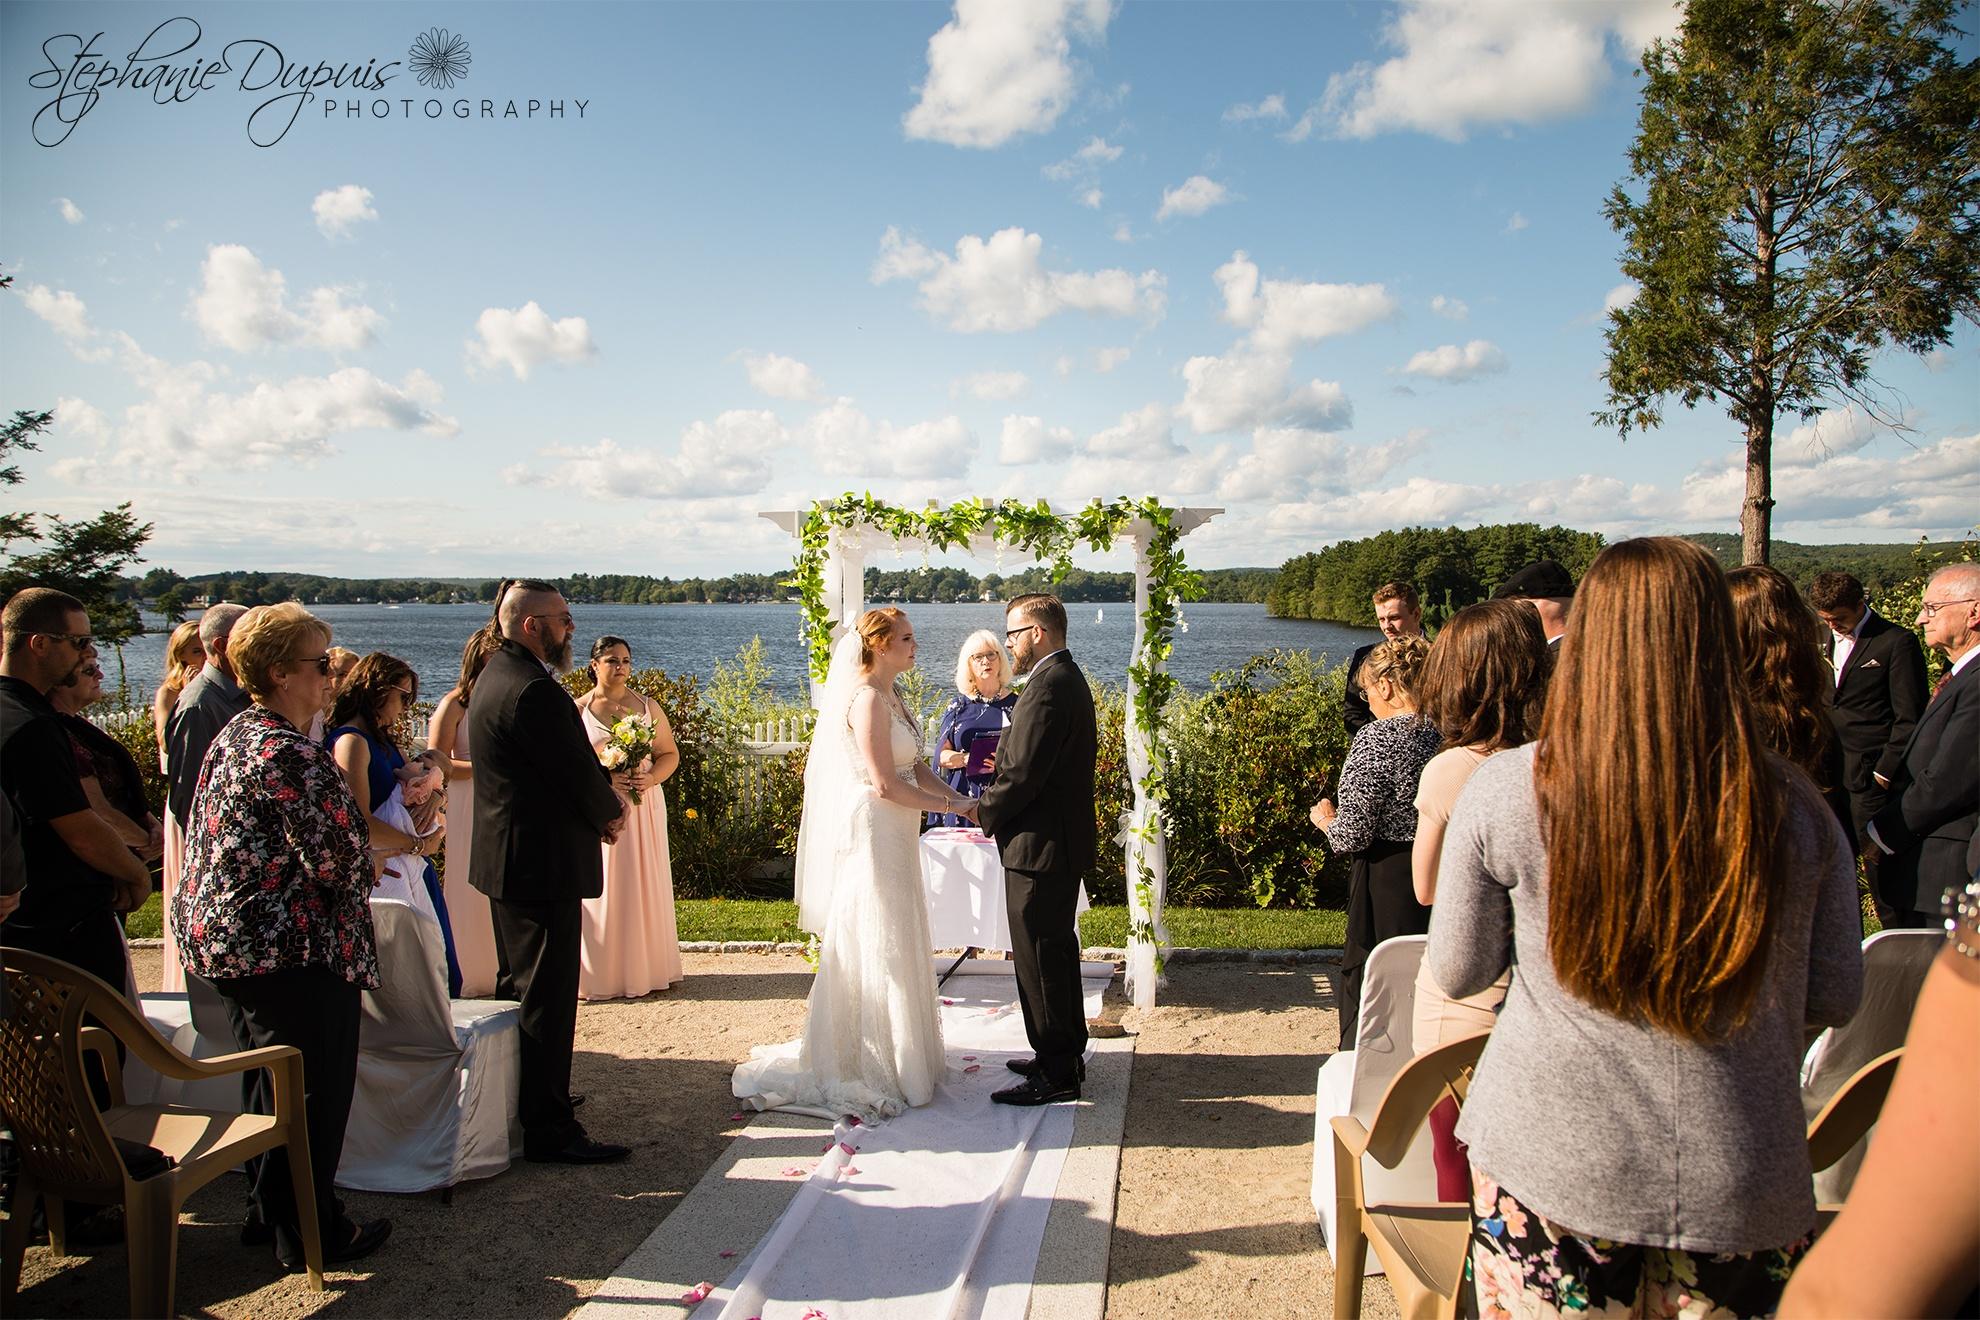 Gaffney 21 - Portfolio: Gaffney Wedding